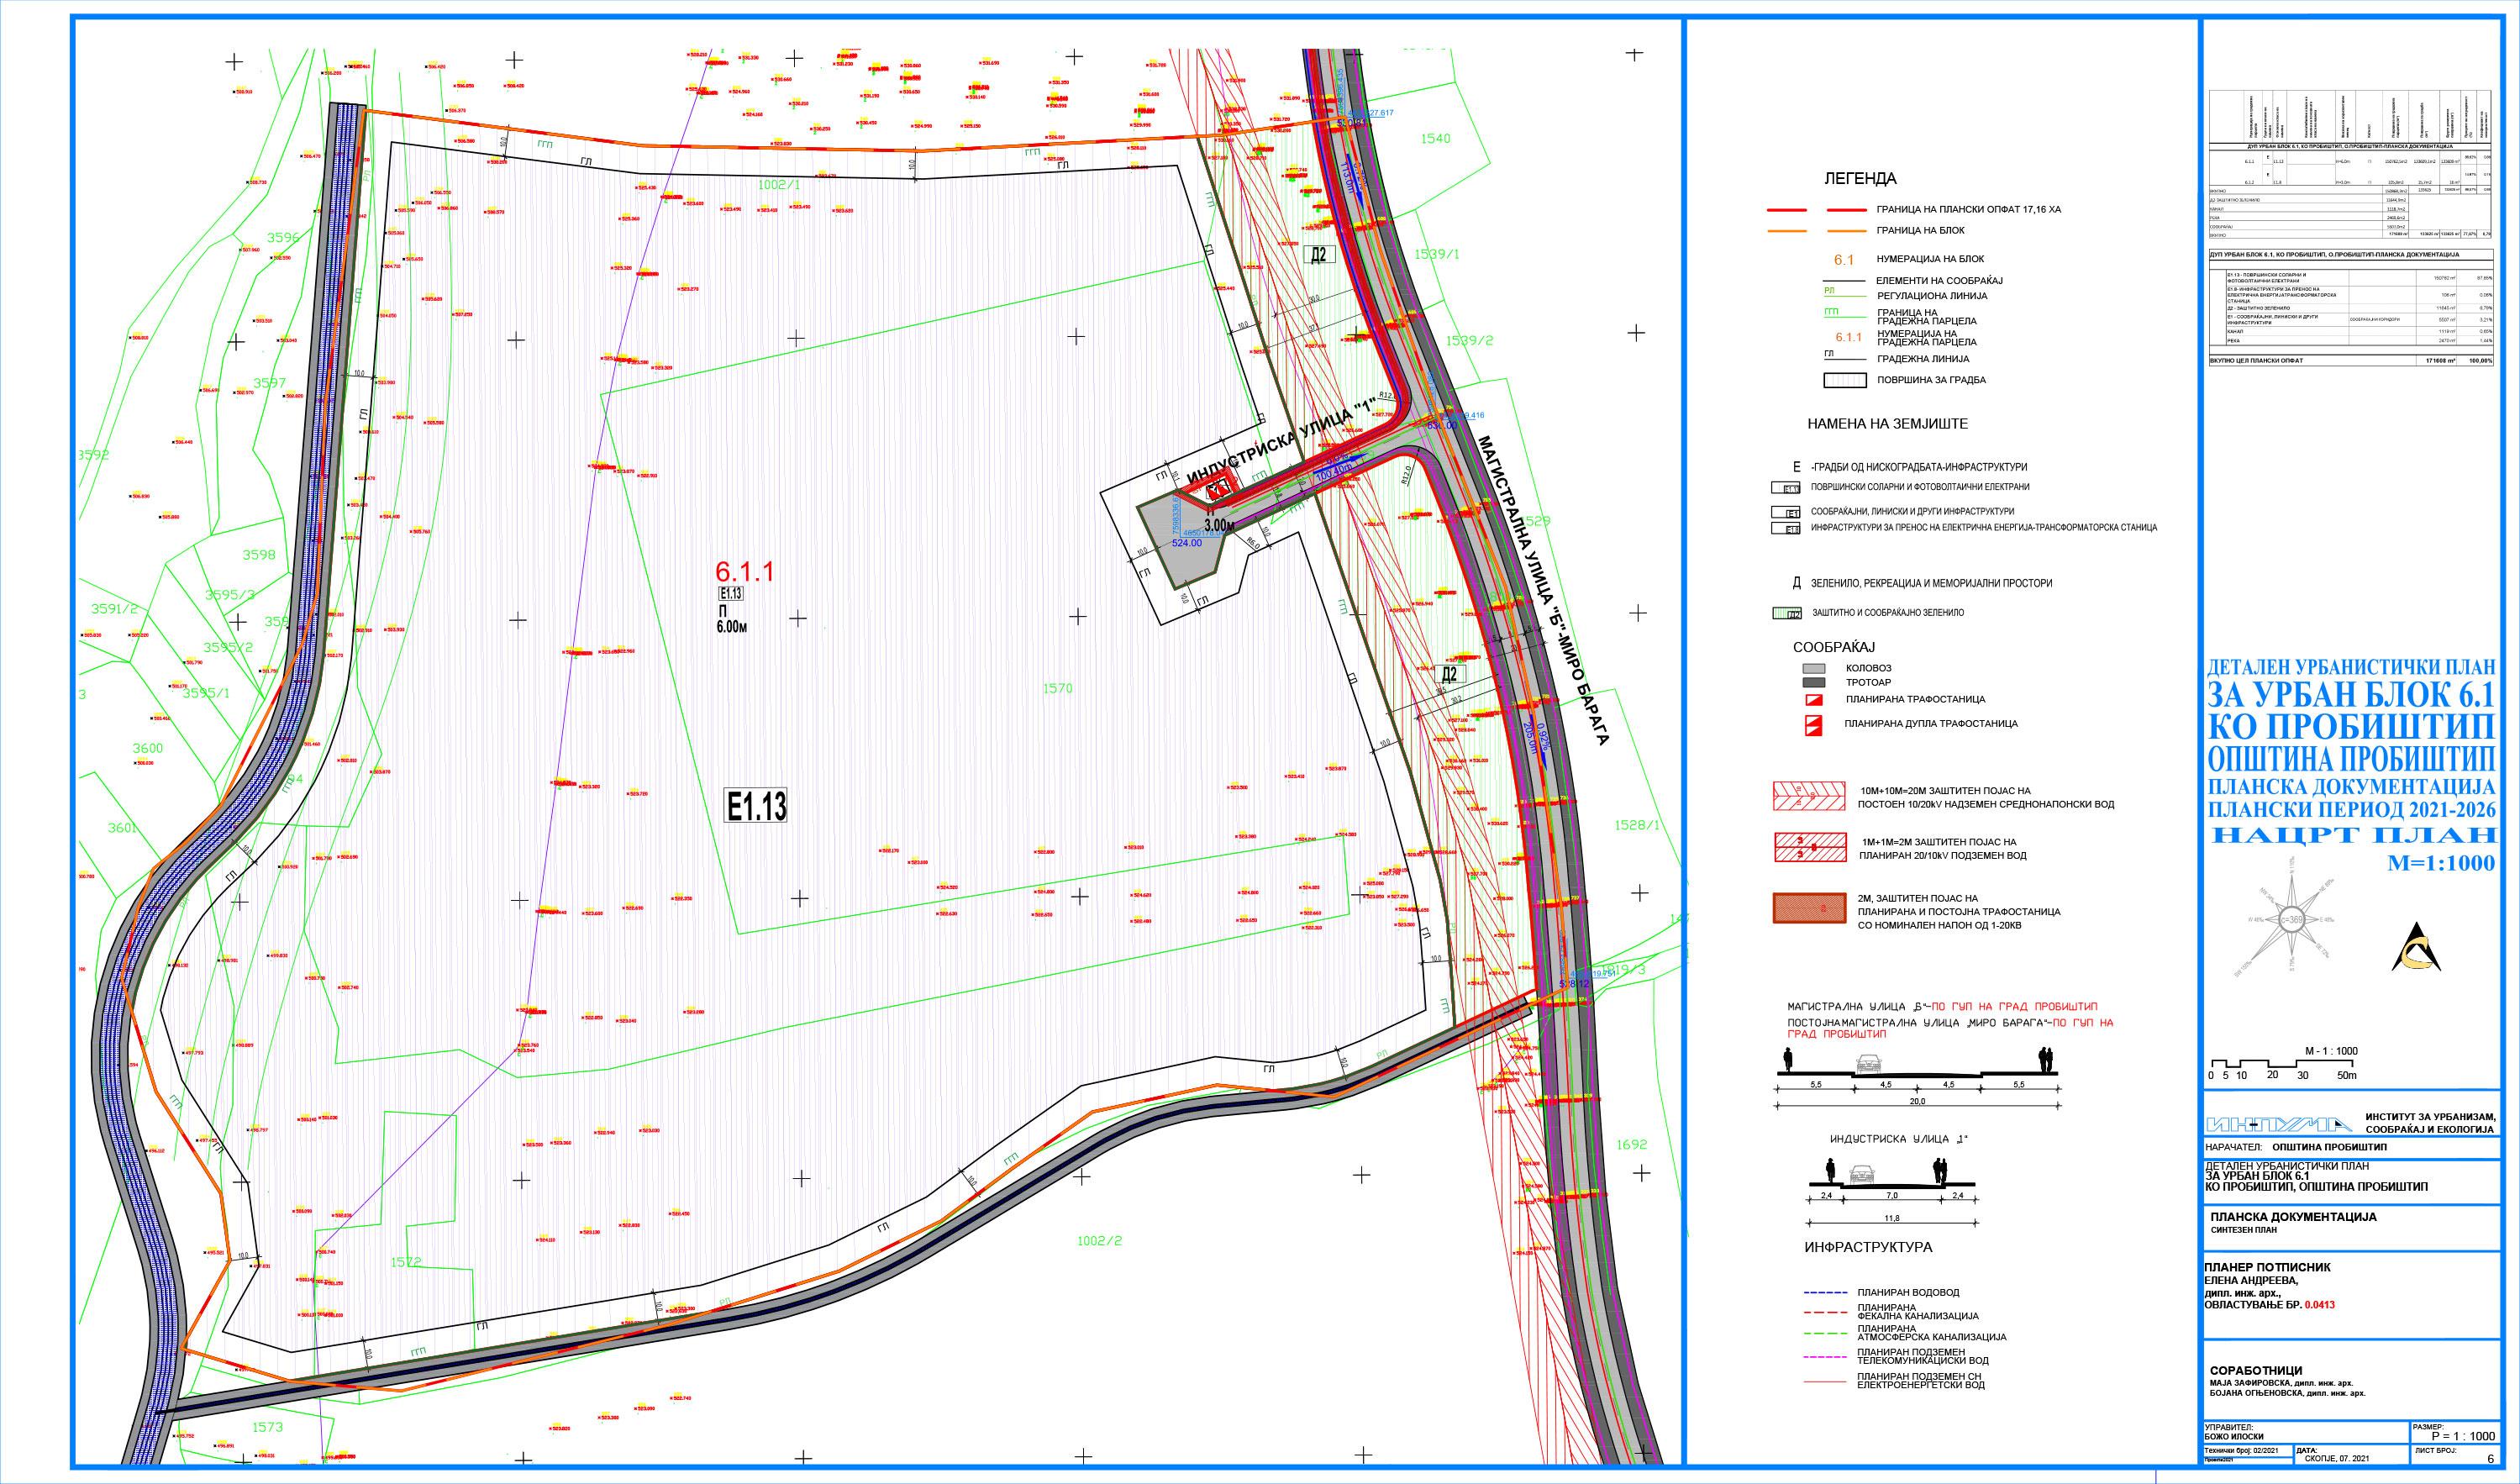 NACRT-PLAN-DUP-6.1_[signed]-151